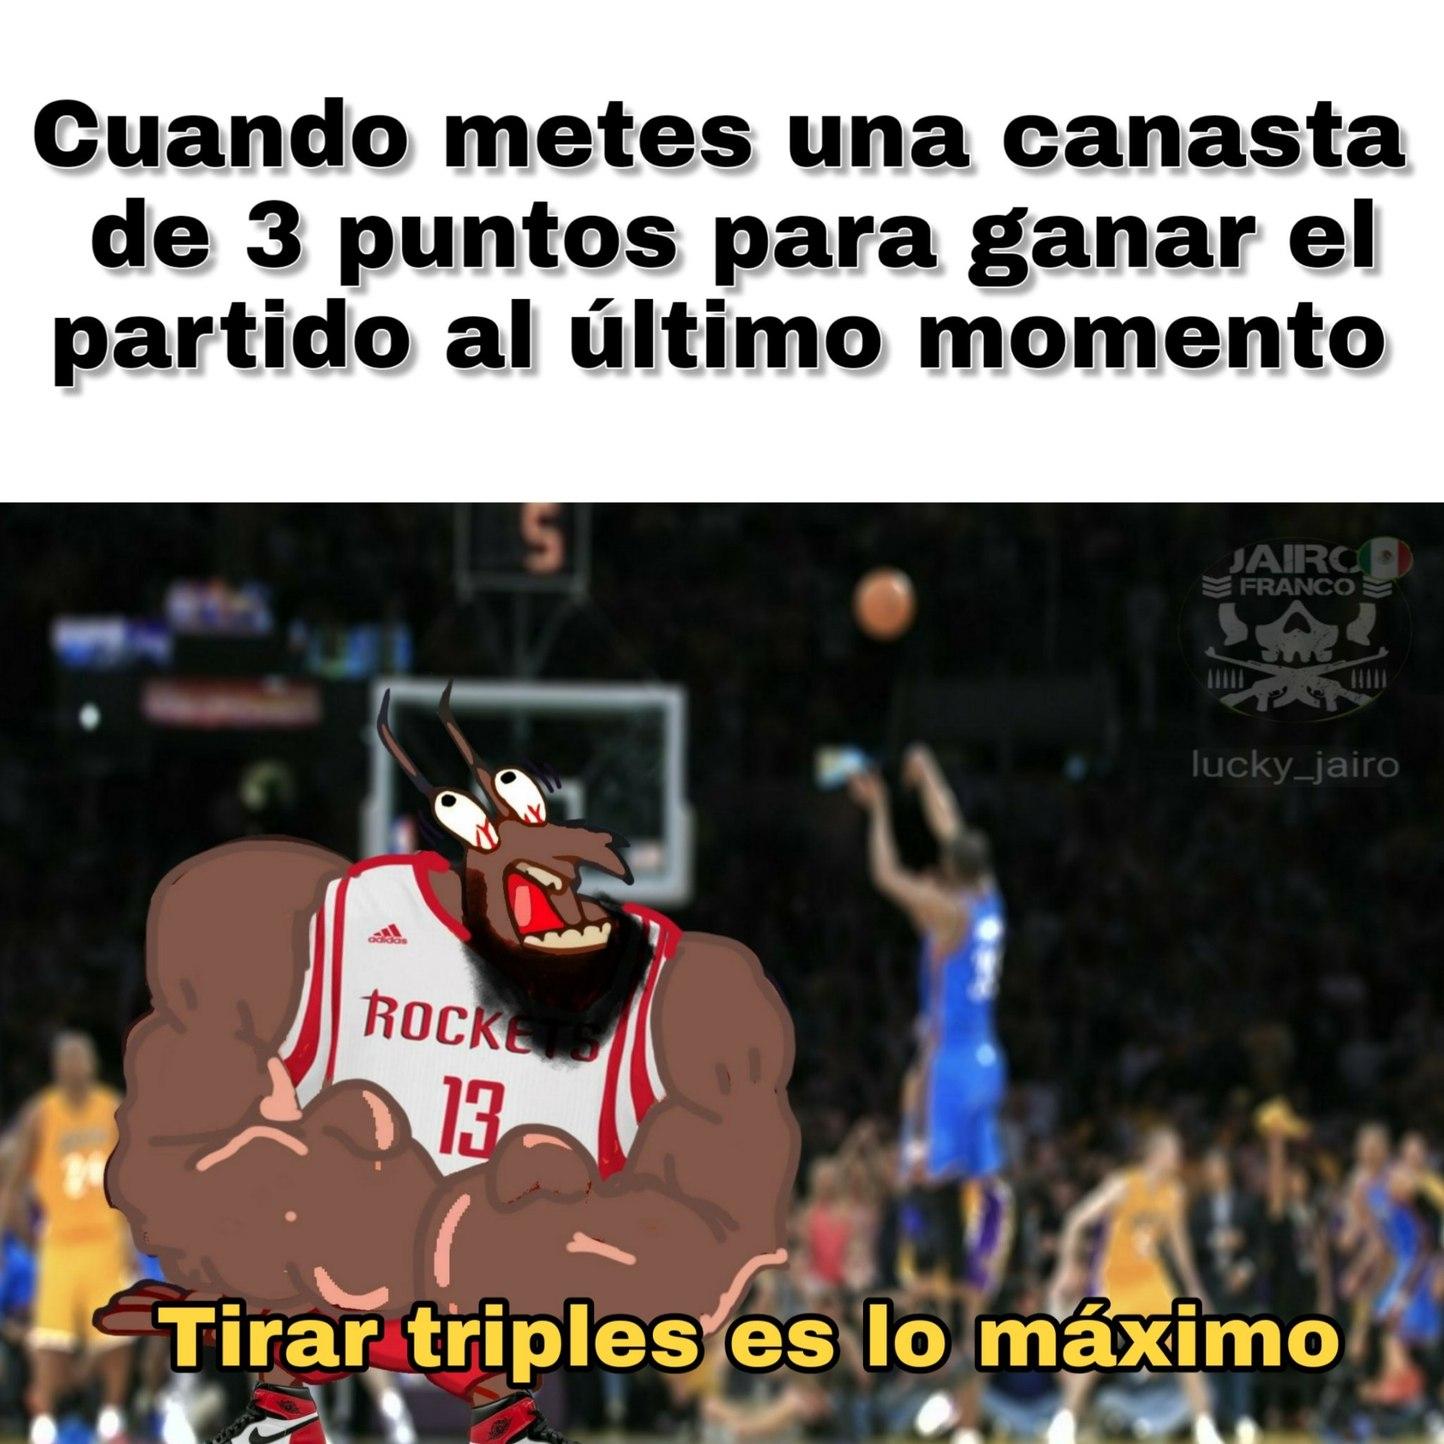 3 puntos!! - meme